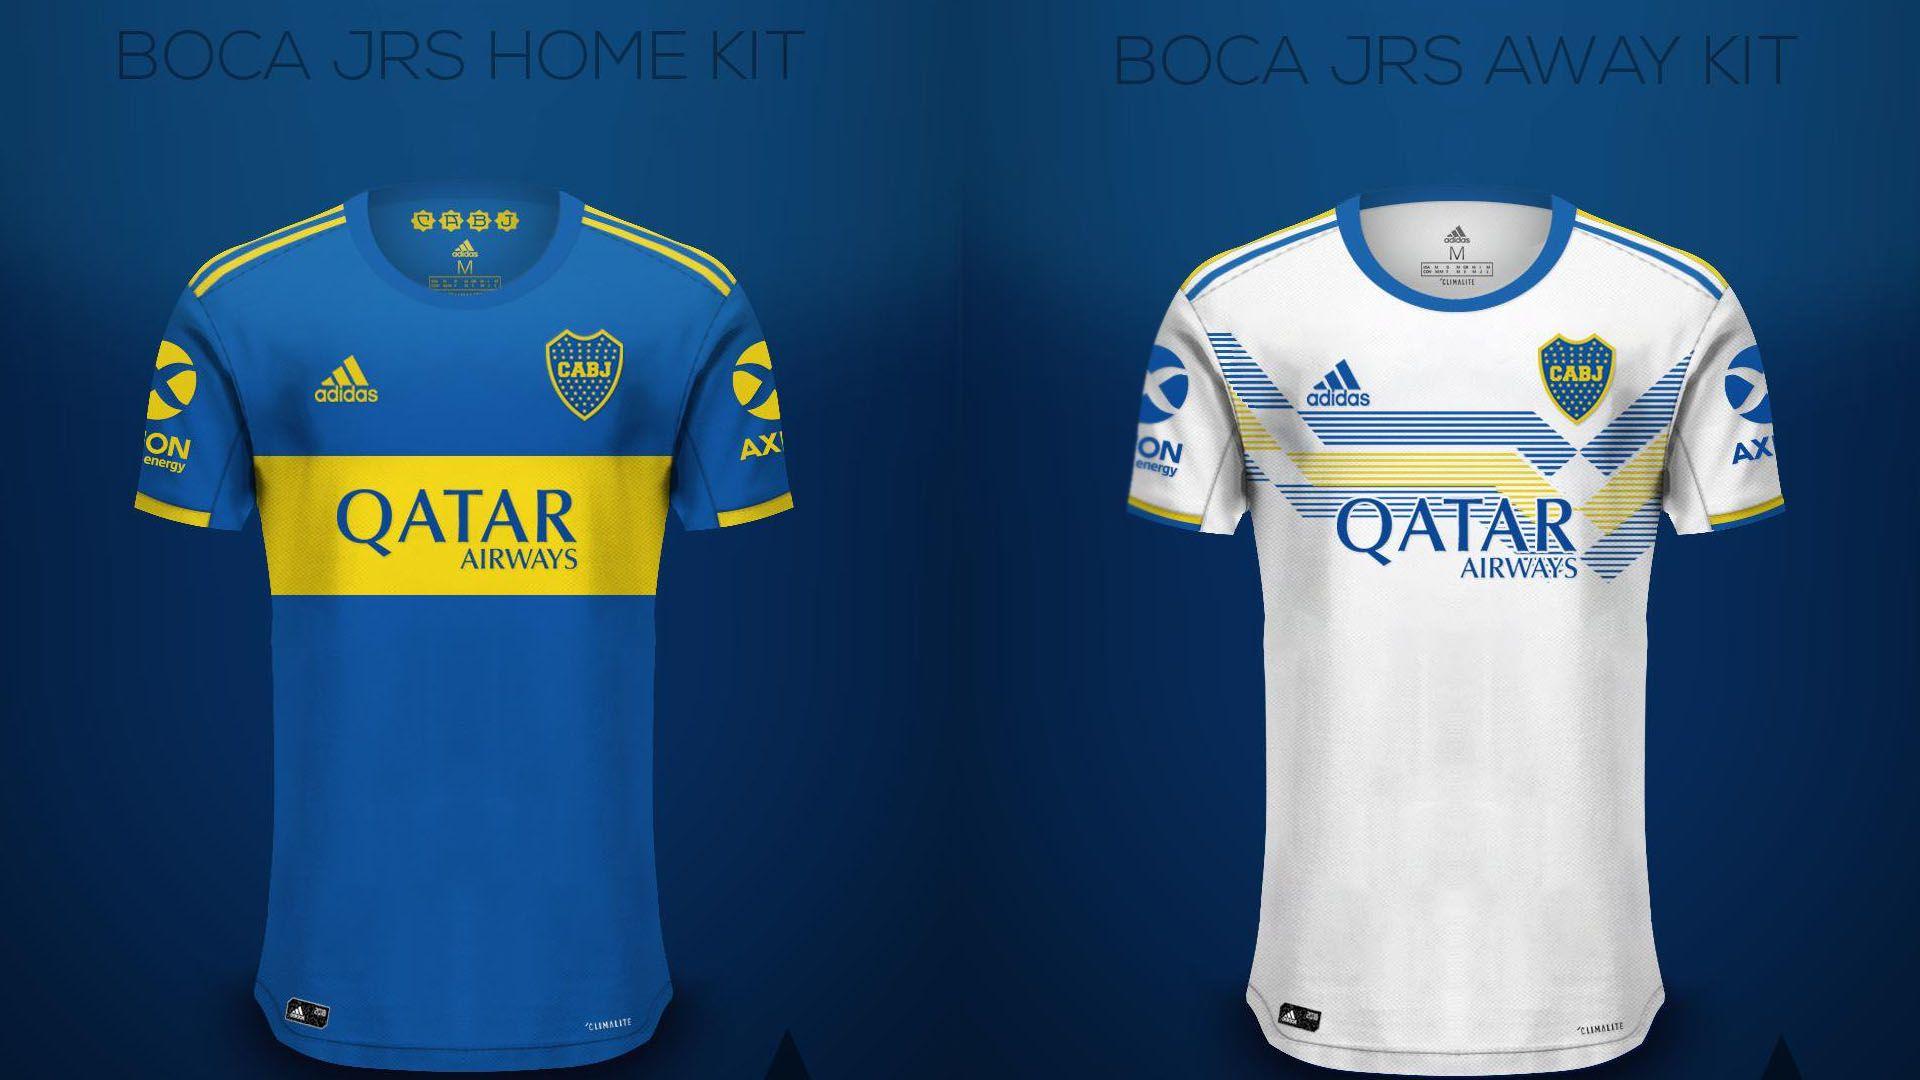 Los modelos de camisetas que circulan en las redes sociales: aún no están confirmados pero pueden llegar a ser los de Boca en 2020 (@AdrixDesign)